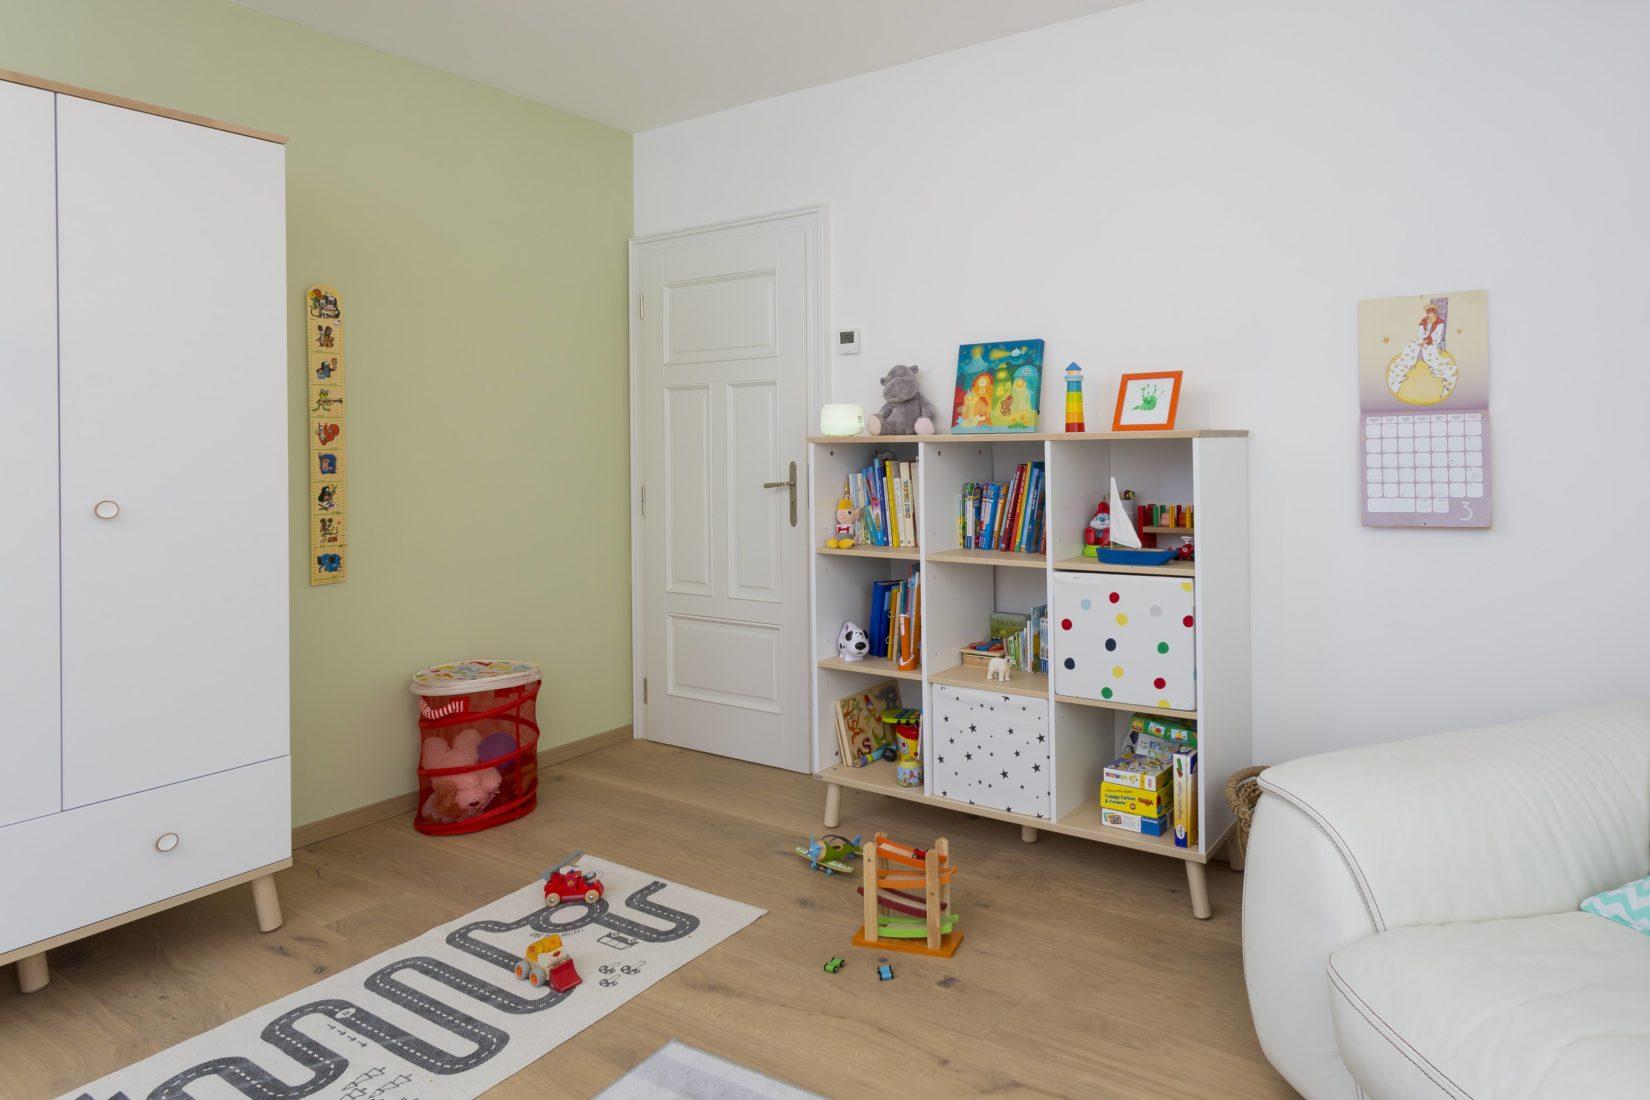 Der neue Putz verbessert das Raumklima auch im Kinderzimmer. Foto: Knauf/Stefan Ernst